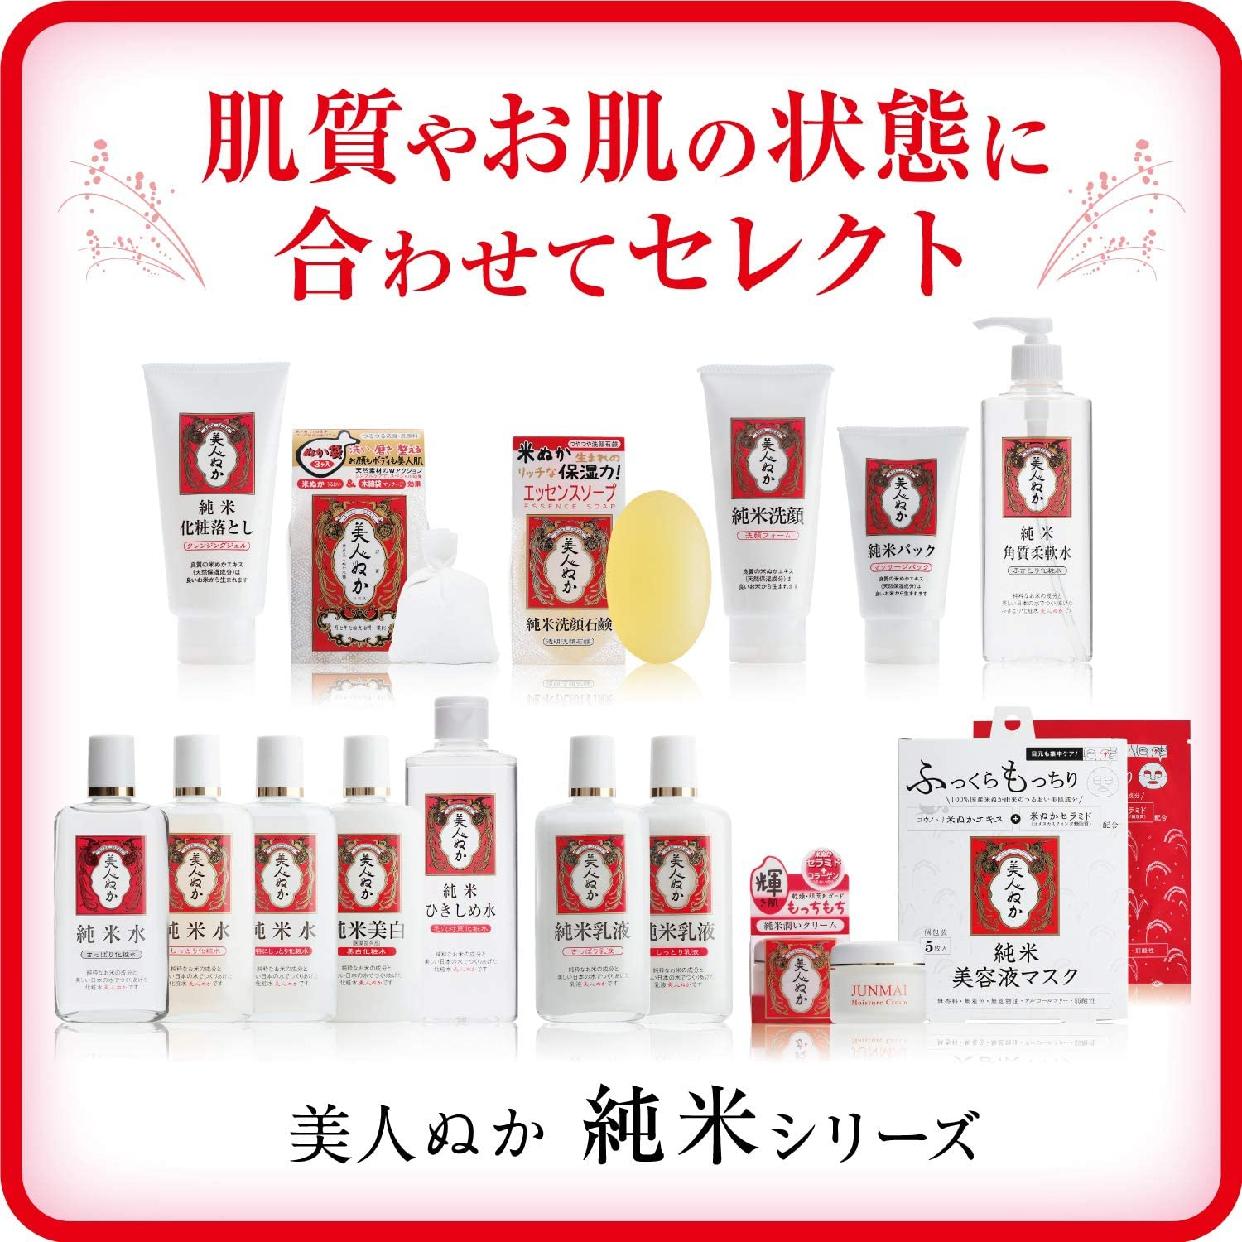 美人ぬか 純米水 特にしっとり化粧水の商品画像6